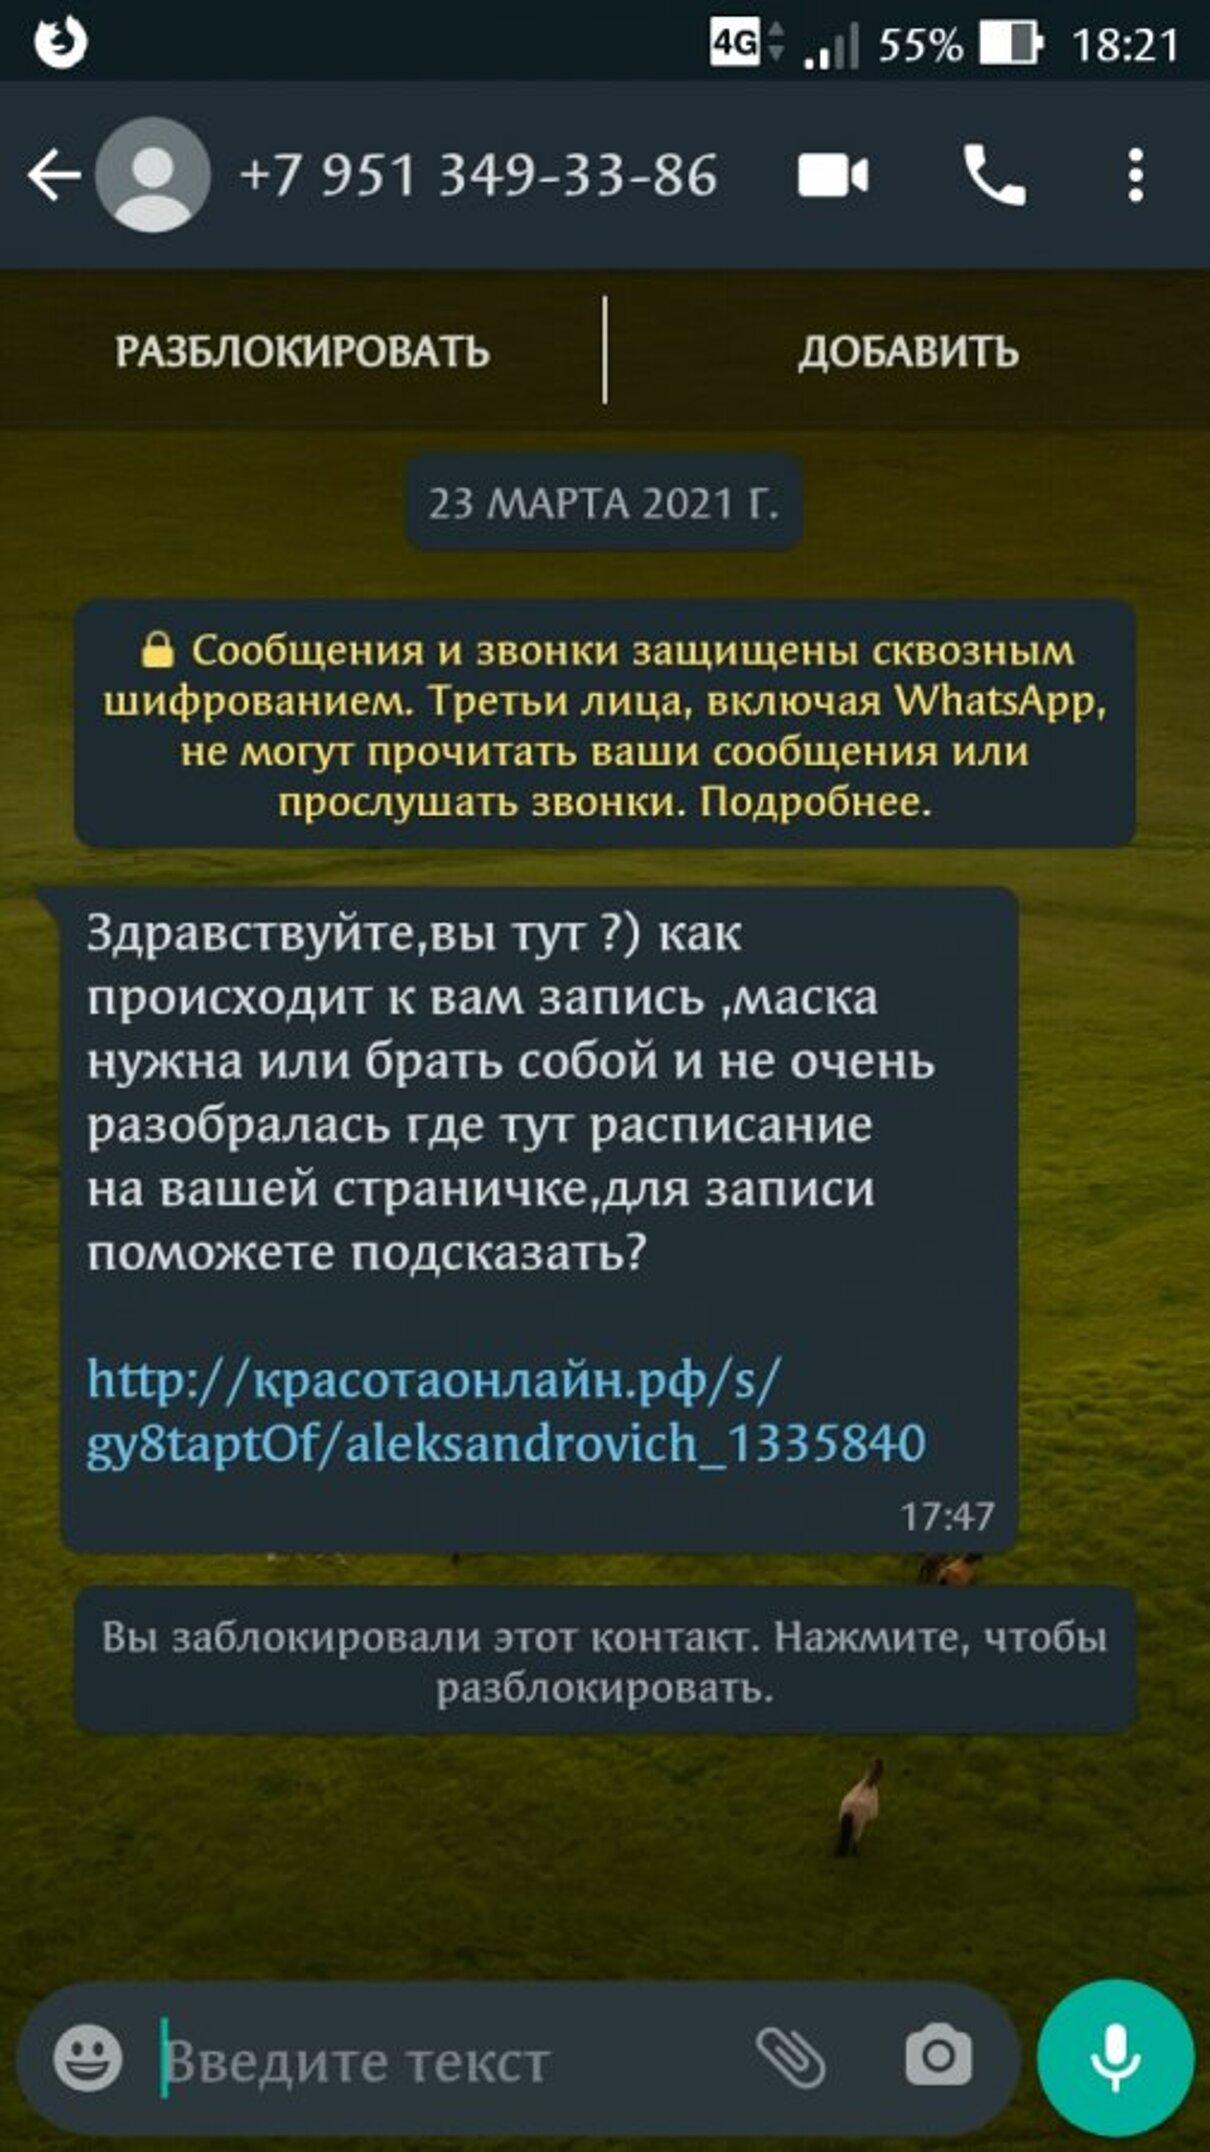 Жалоба-отзыв: Мастер Стиля - обман - ПСЕВДО Услуги продвижения